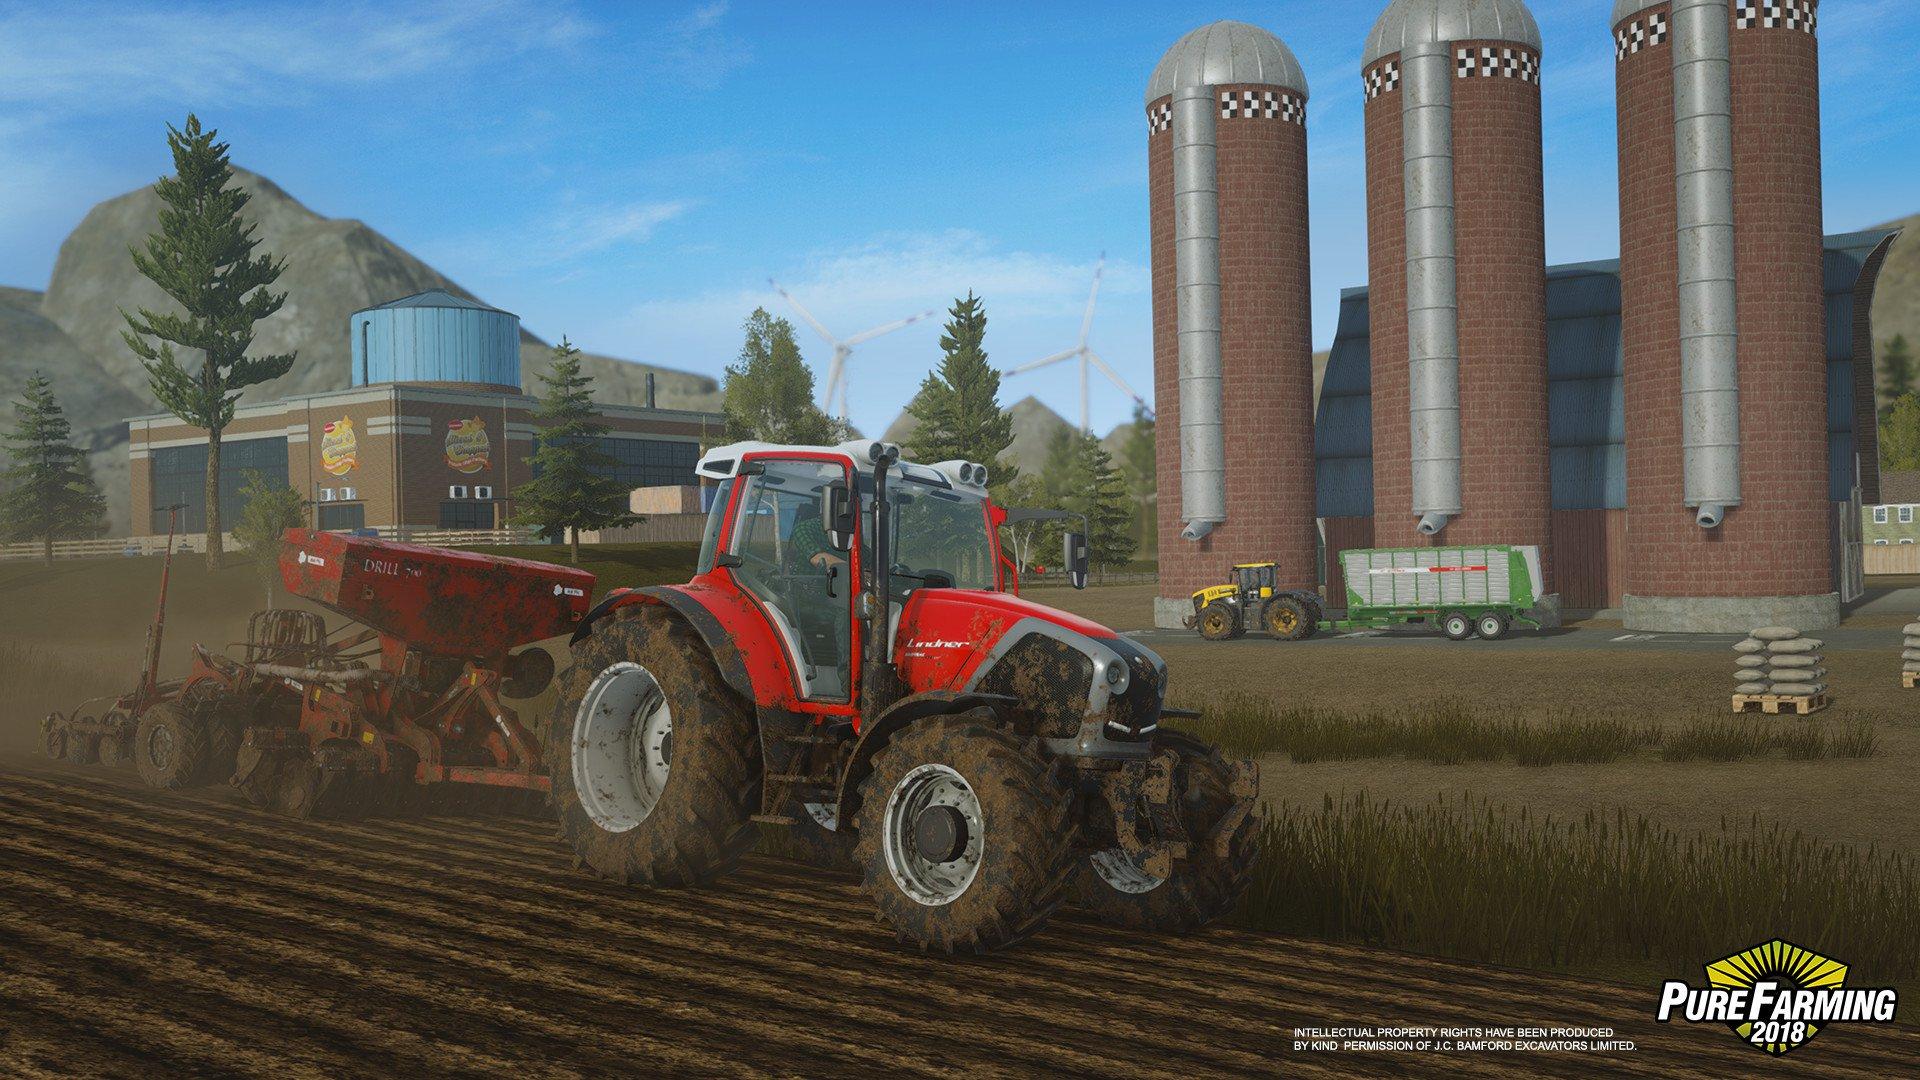 Pure Farming 2018 Deluxe 12